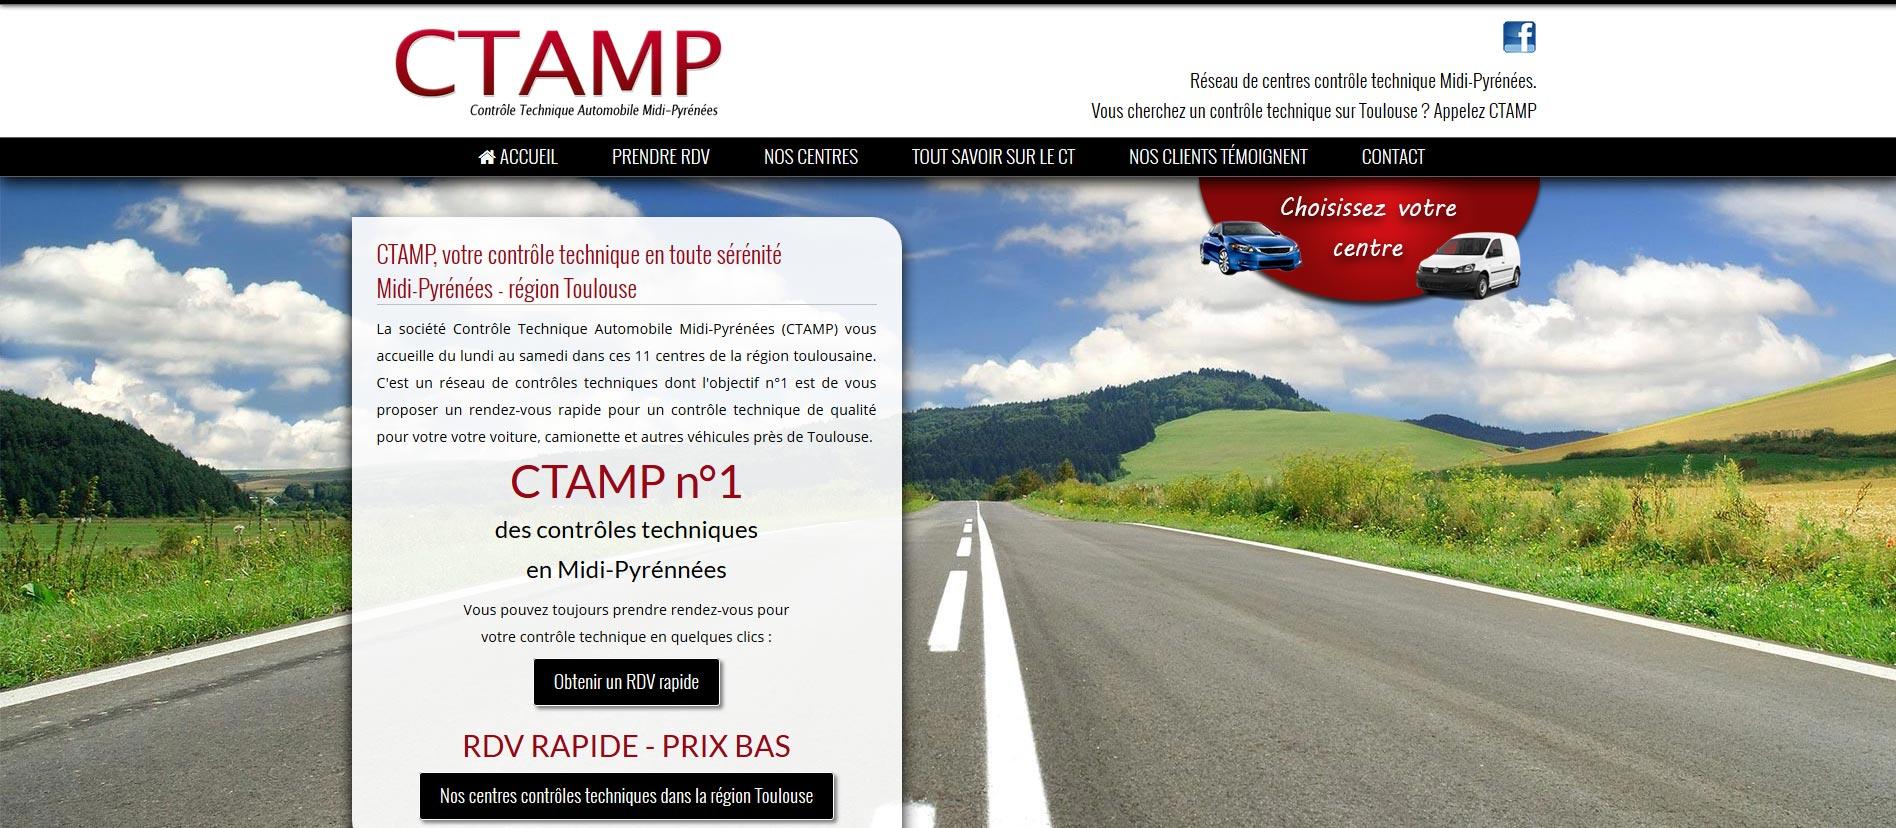 Controle Technique Toulouse Midi Pyrenees Ctamp Dsm